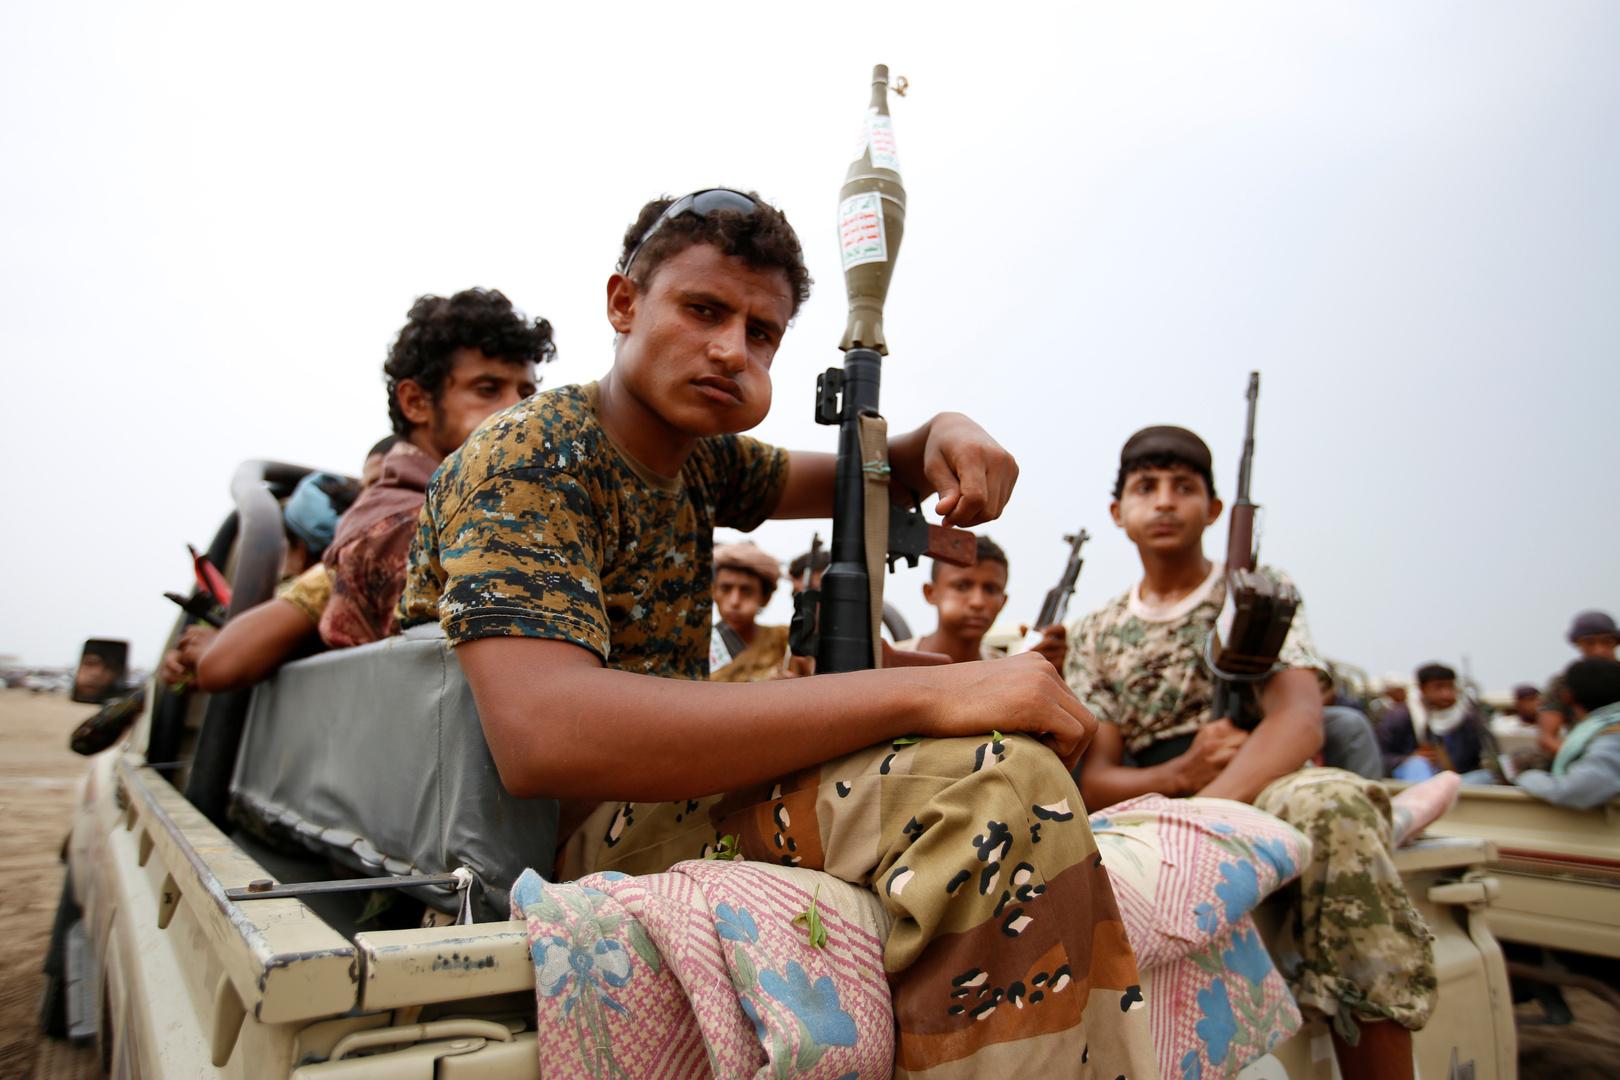 عناصر لجماعة الحوثيين في الحديدة - صورة أرشيفية